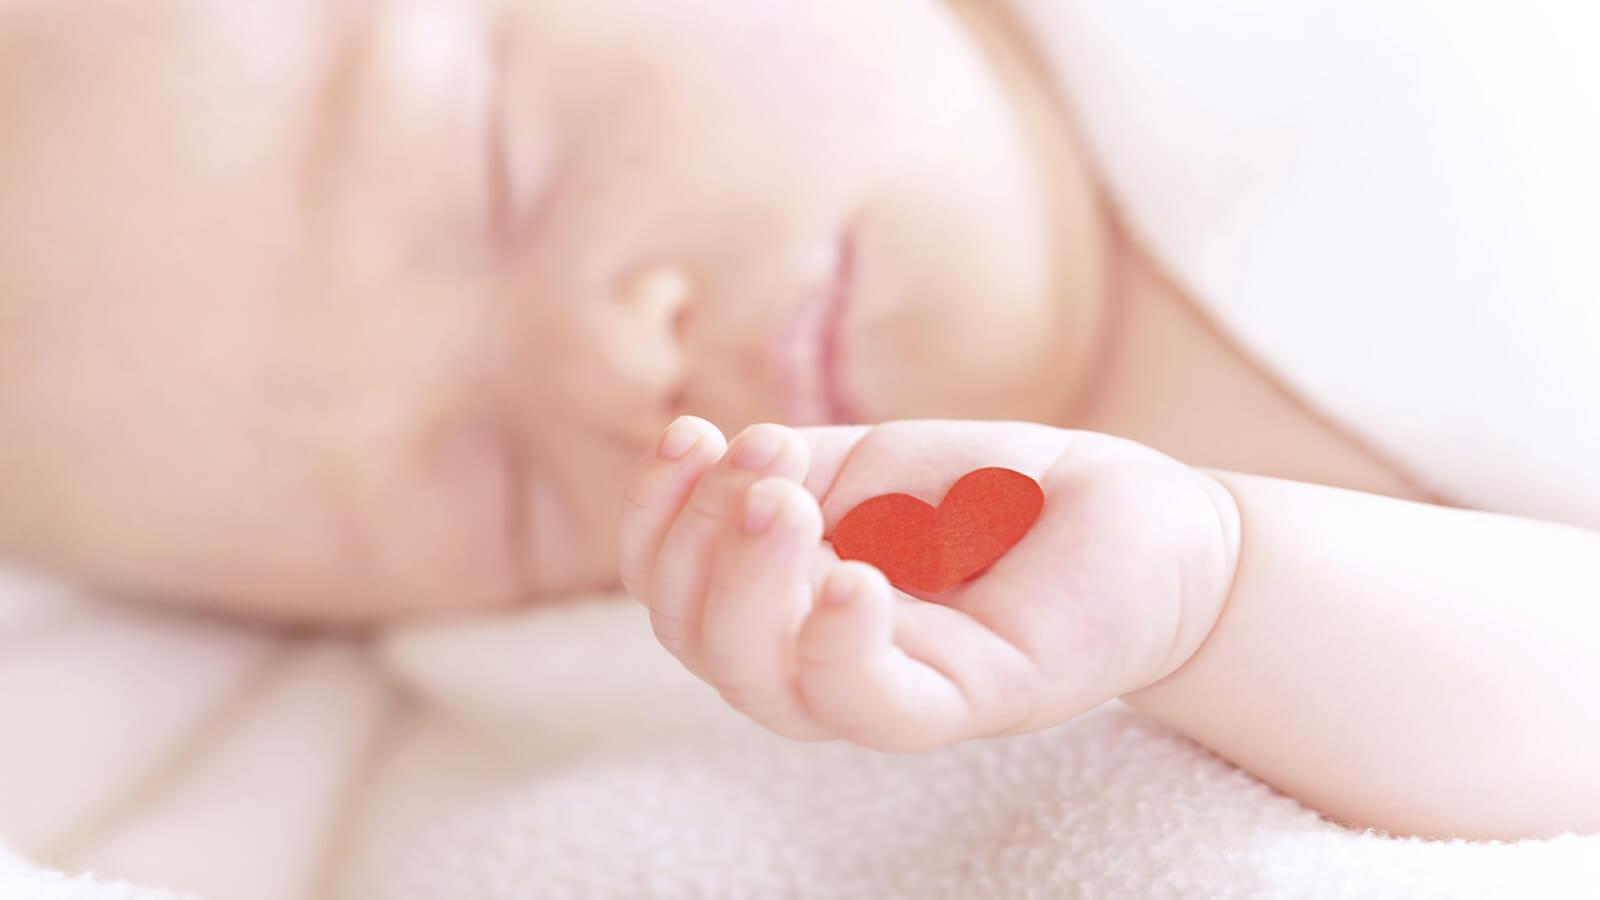 Порок сердца у новорожденных: симптомы, фазы протекания и необходимое лечение